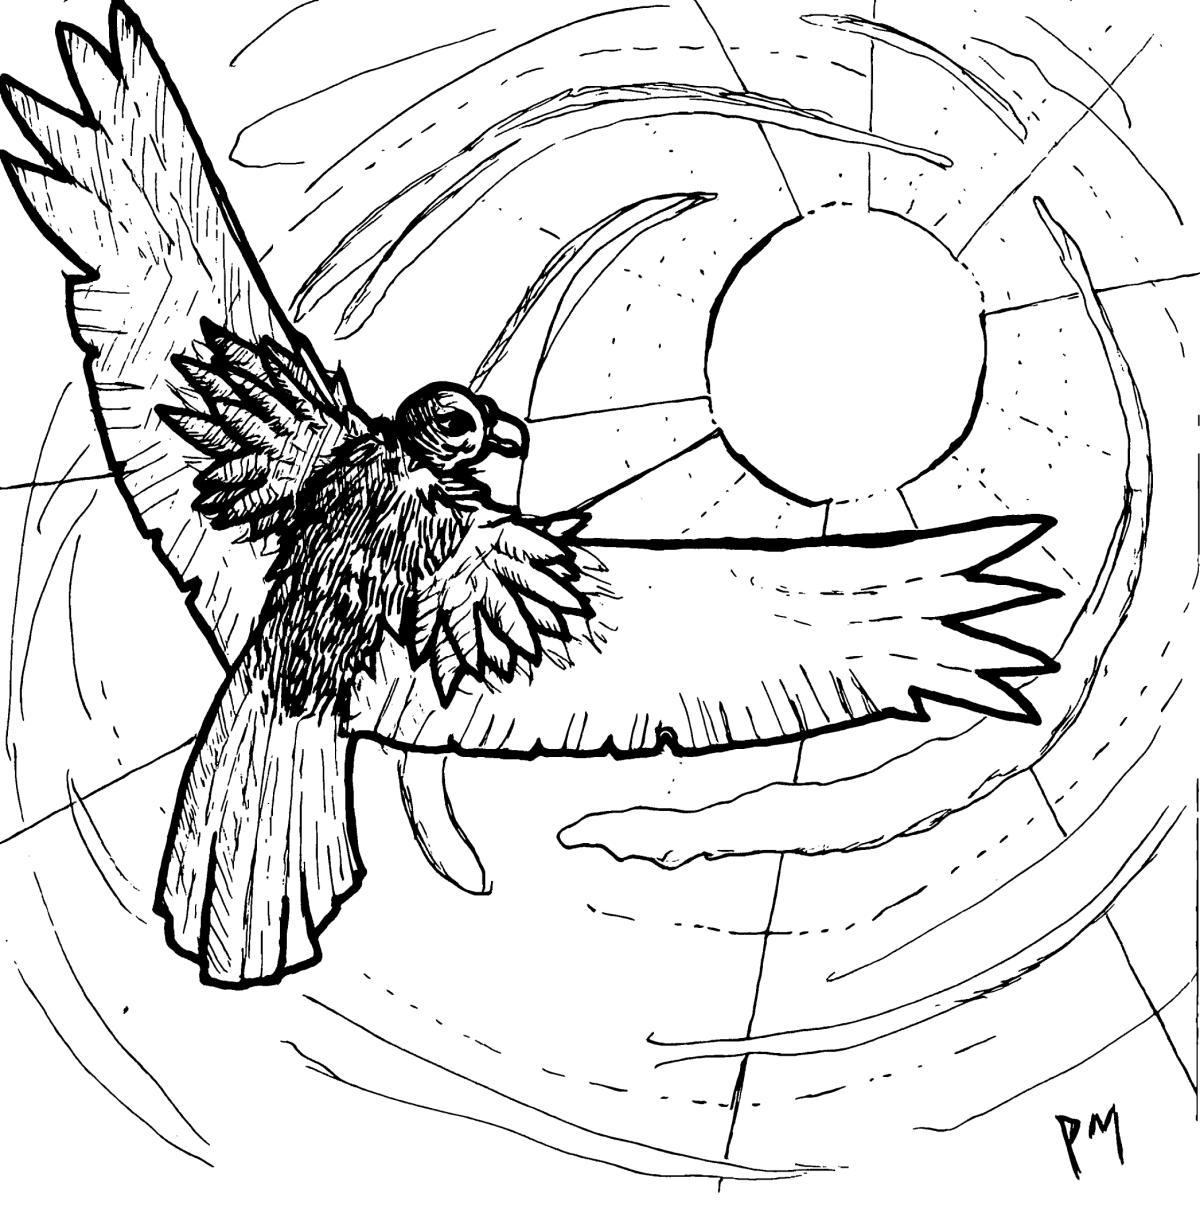 More Random Illustrations